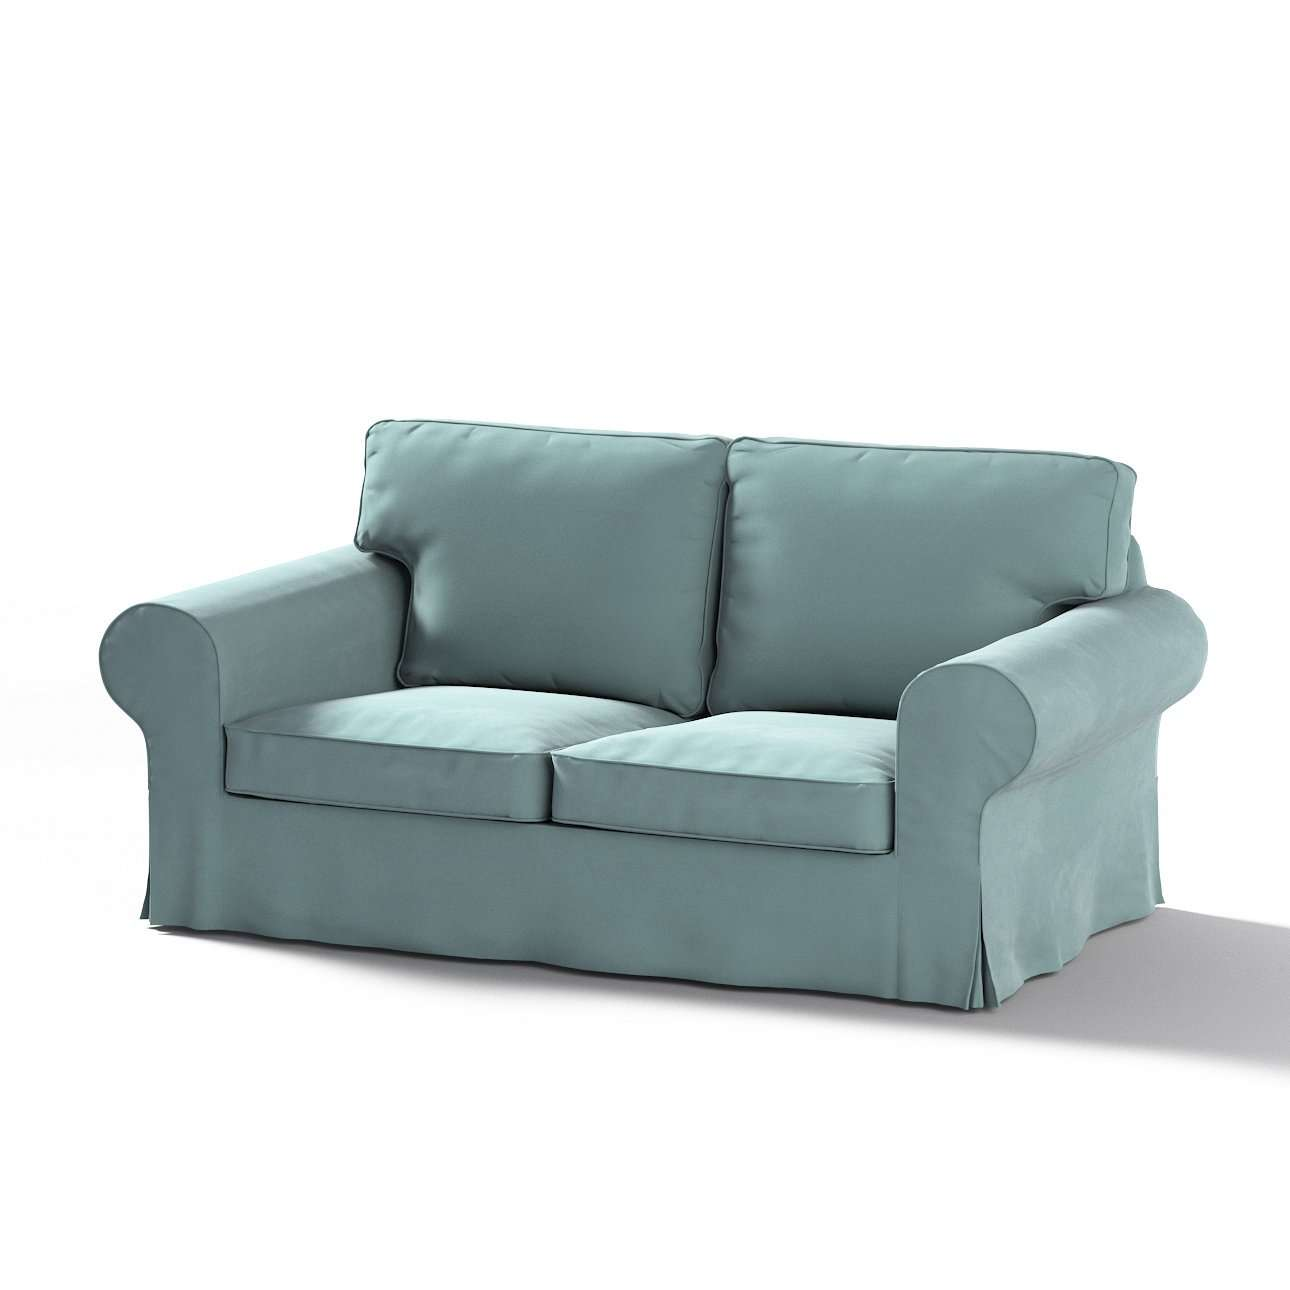 Ektorp 2-Sitzer Sofabezug nicht ausklappbar von der Kollektion Velvet, Stoff: 704-18